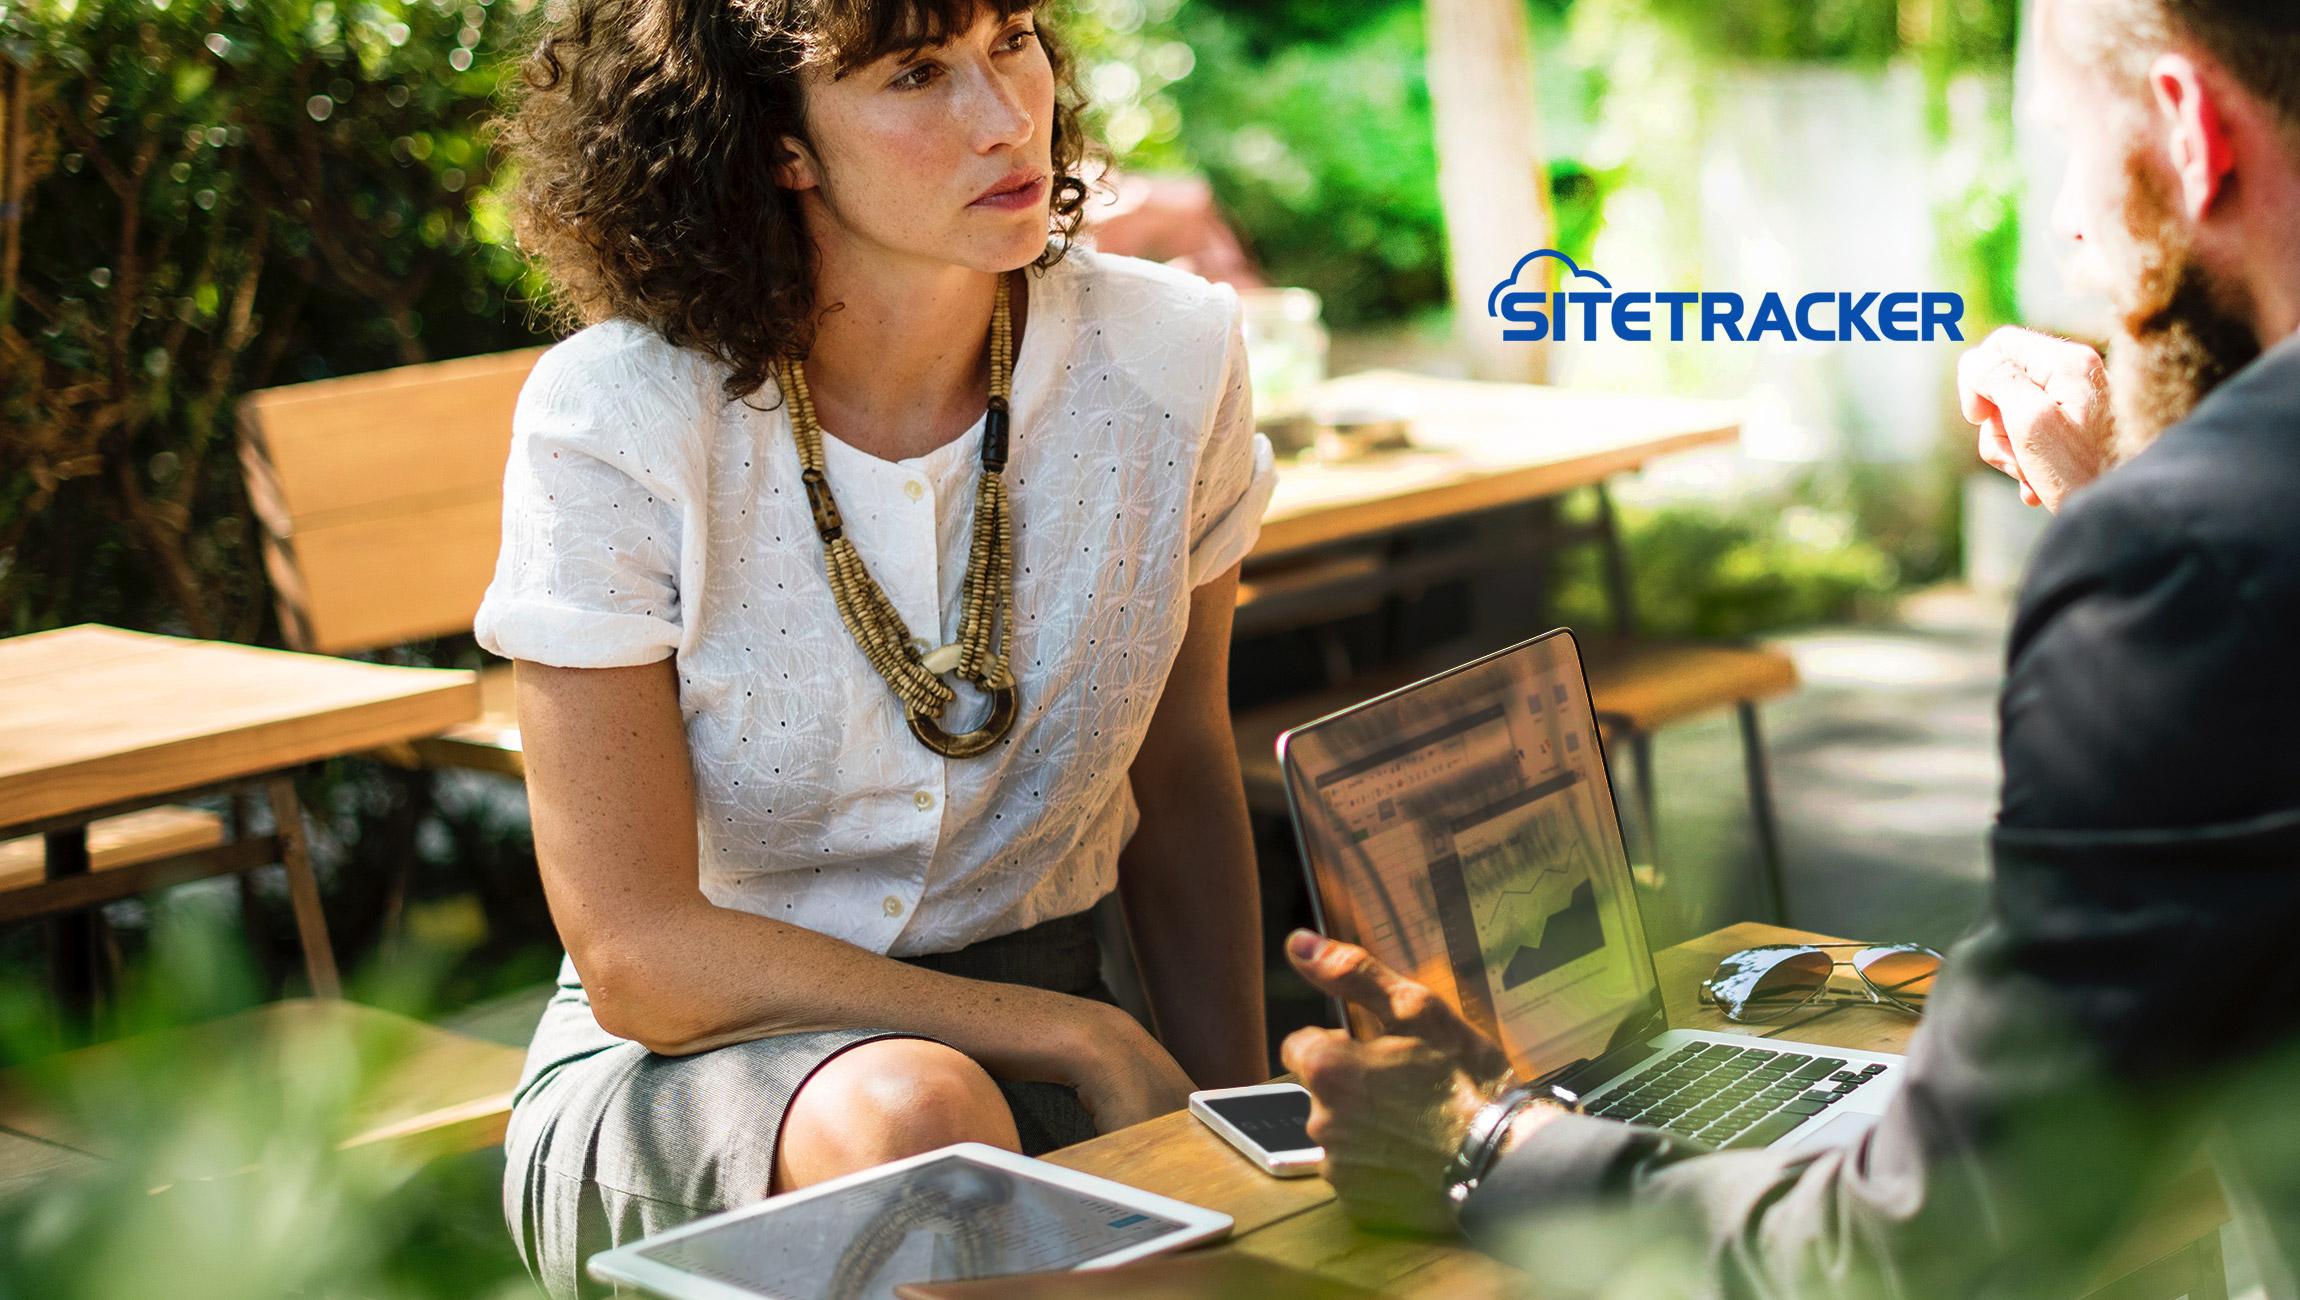 Sitetracker